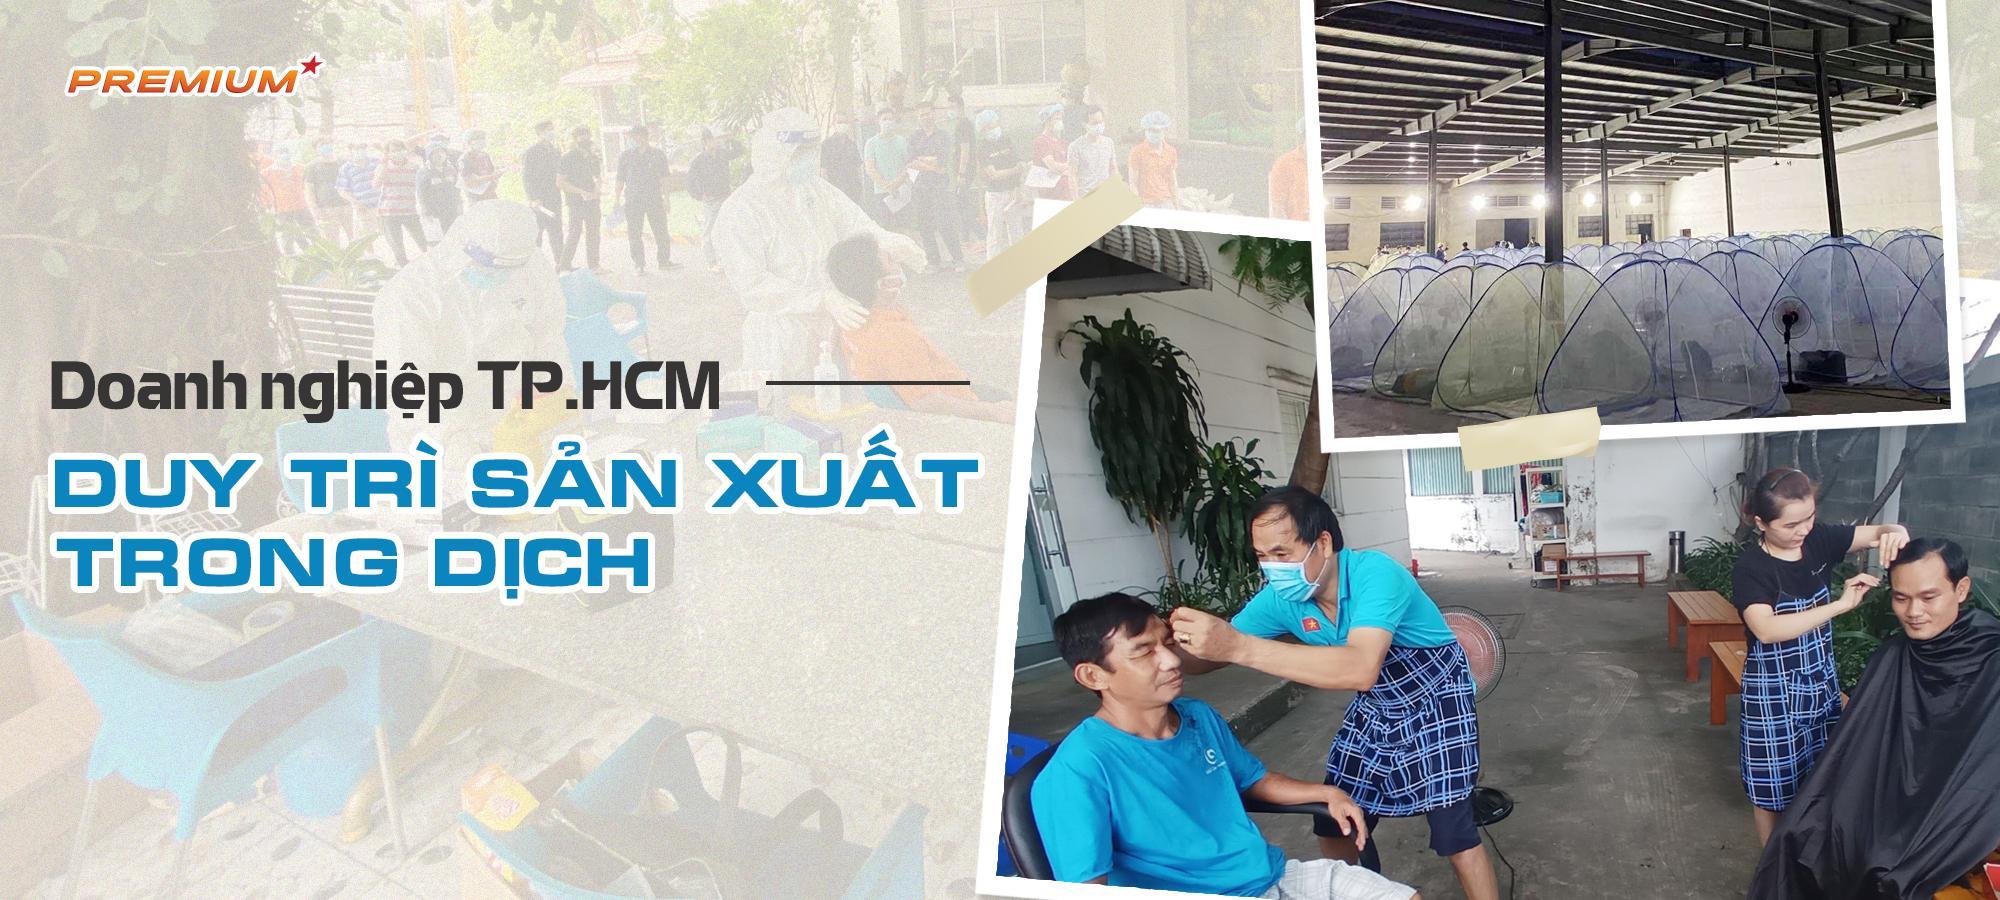 Doanh nghiệp TP.HCM duy trì sản xuất trong dịch